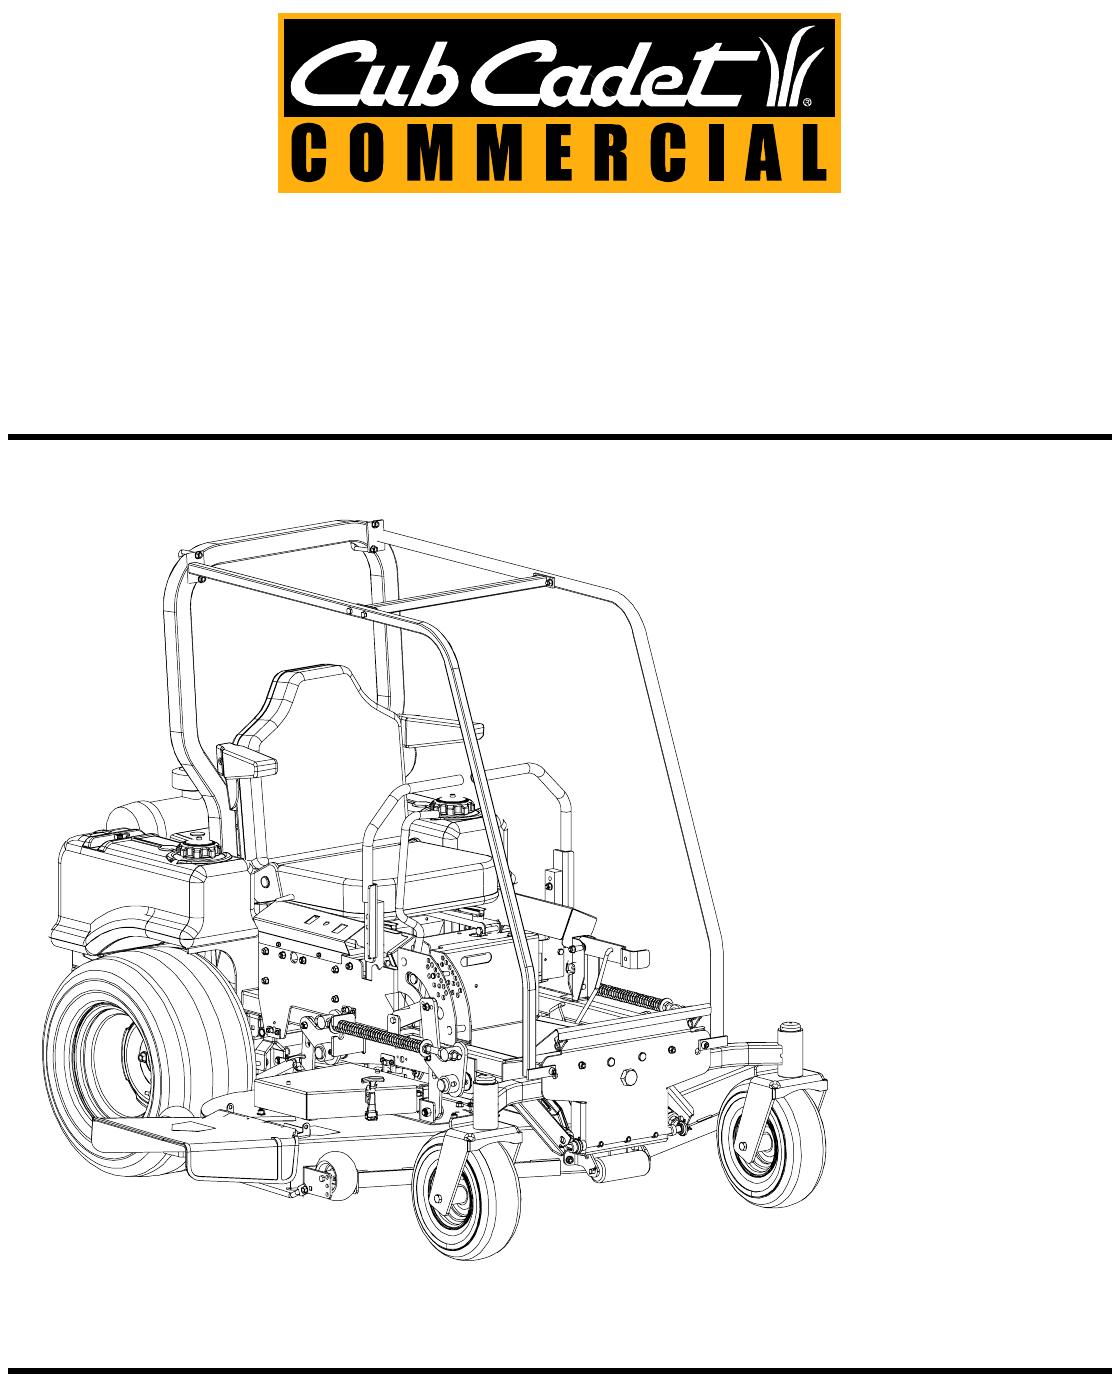 cub cadet zero turn mower manual